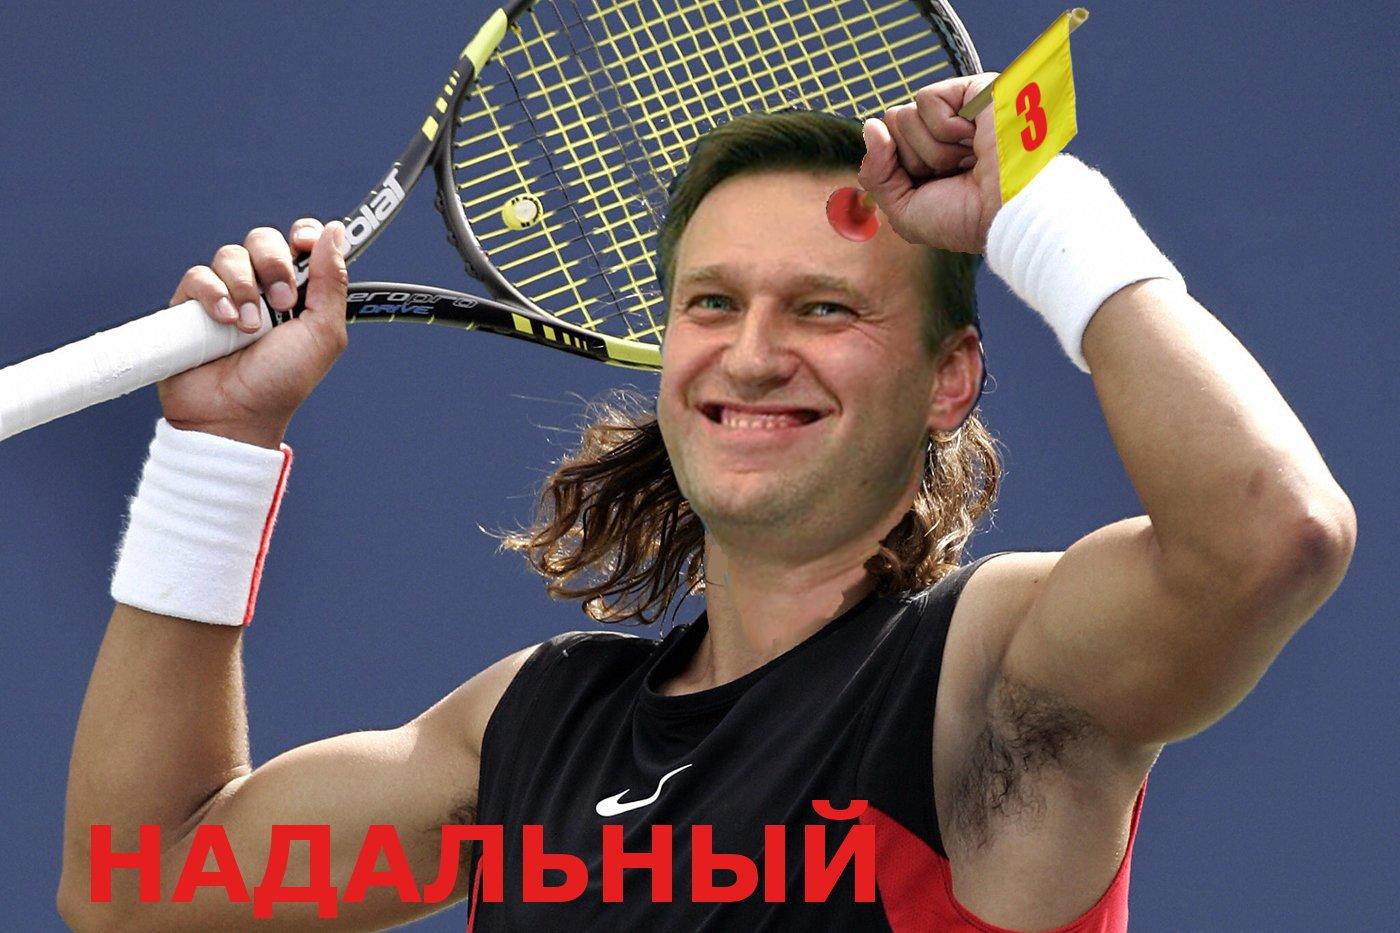 НАДАЛЬНЫЙ3 г